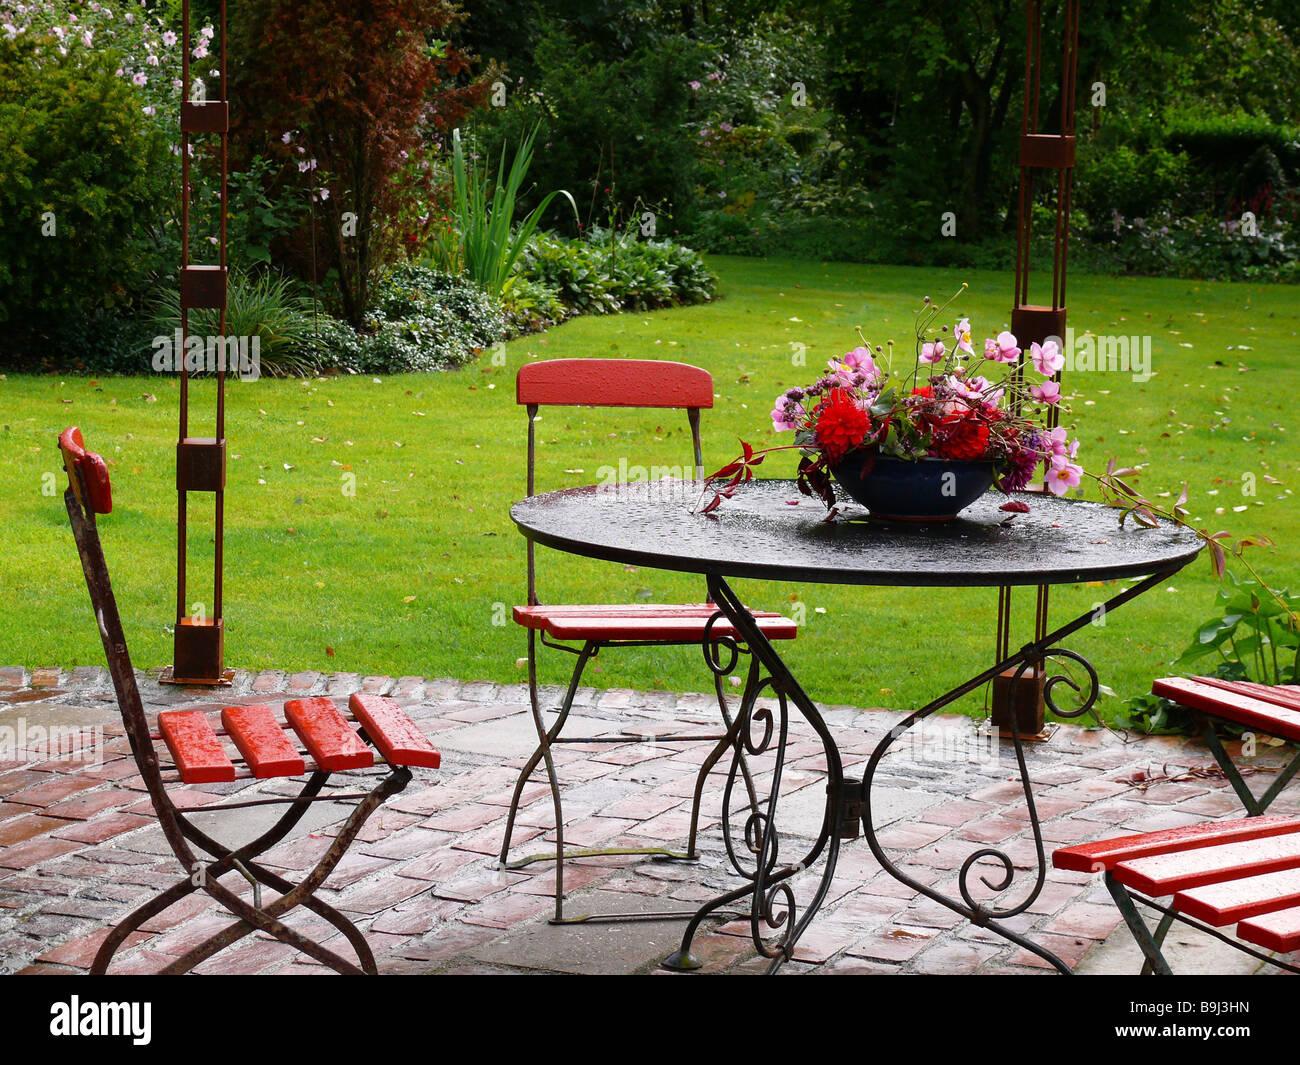 Gartenmobel Blume Schale Garten Terrasse Garten Gartentisch Stuhle